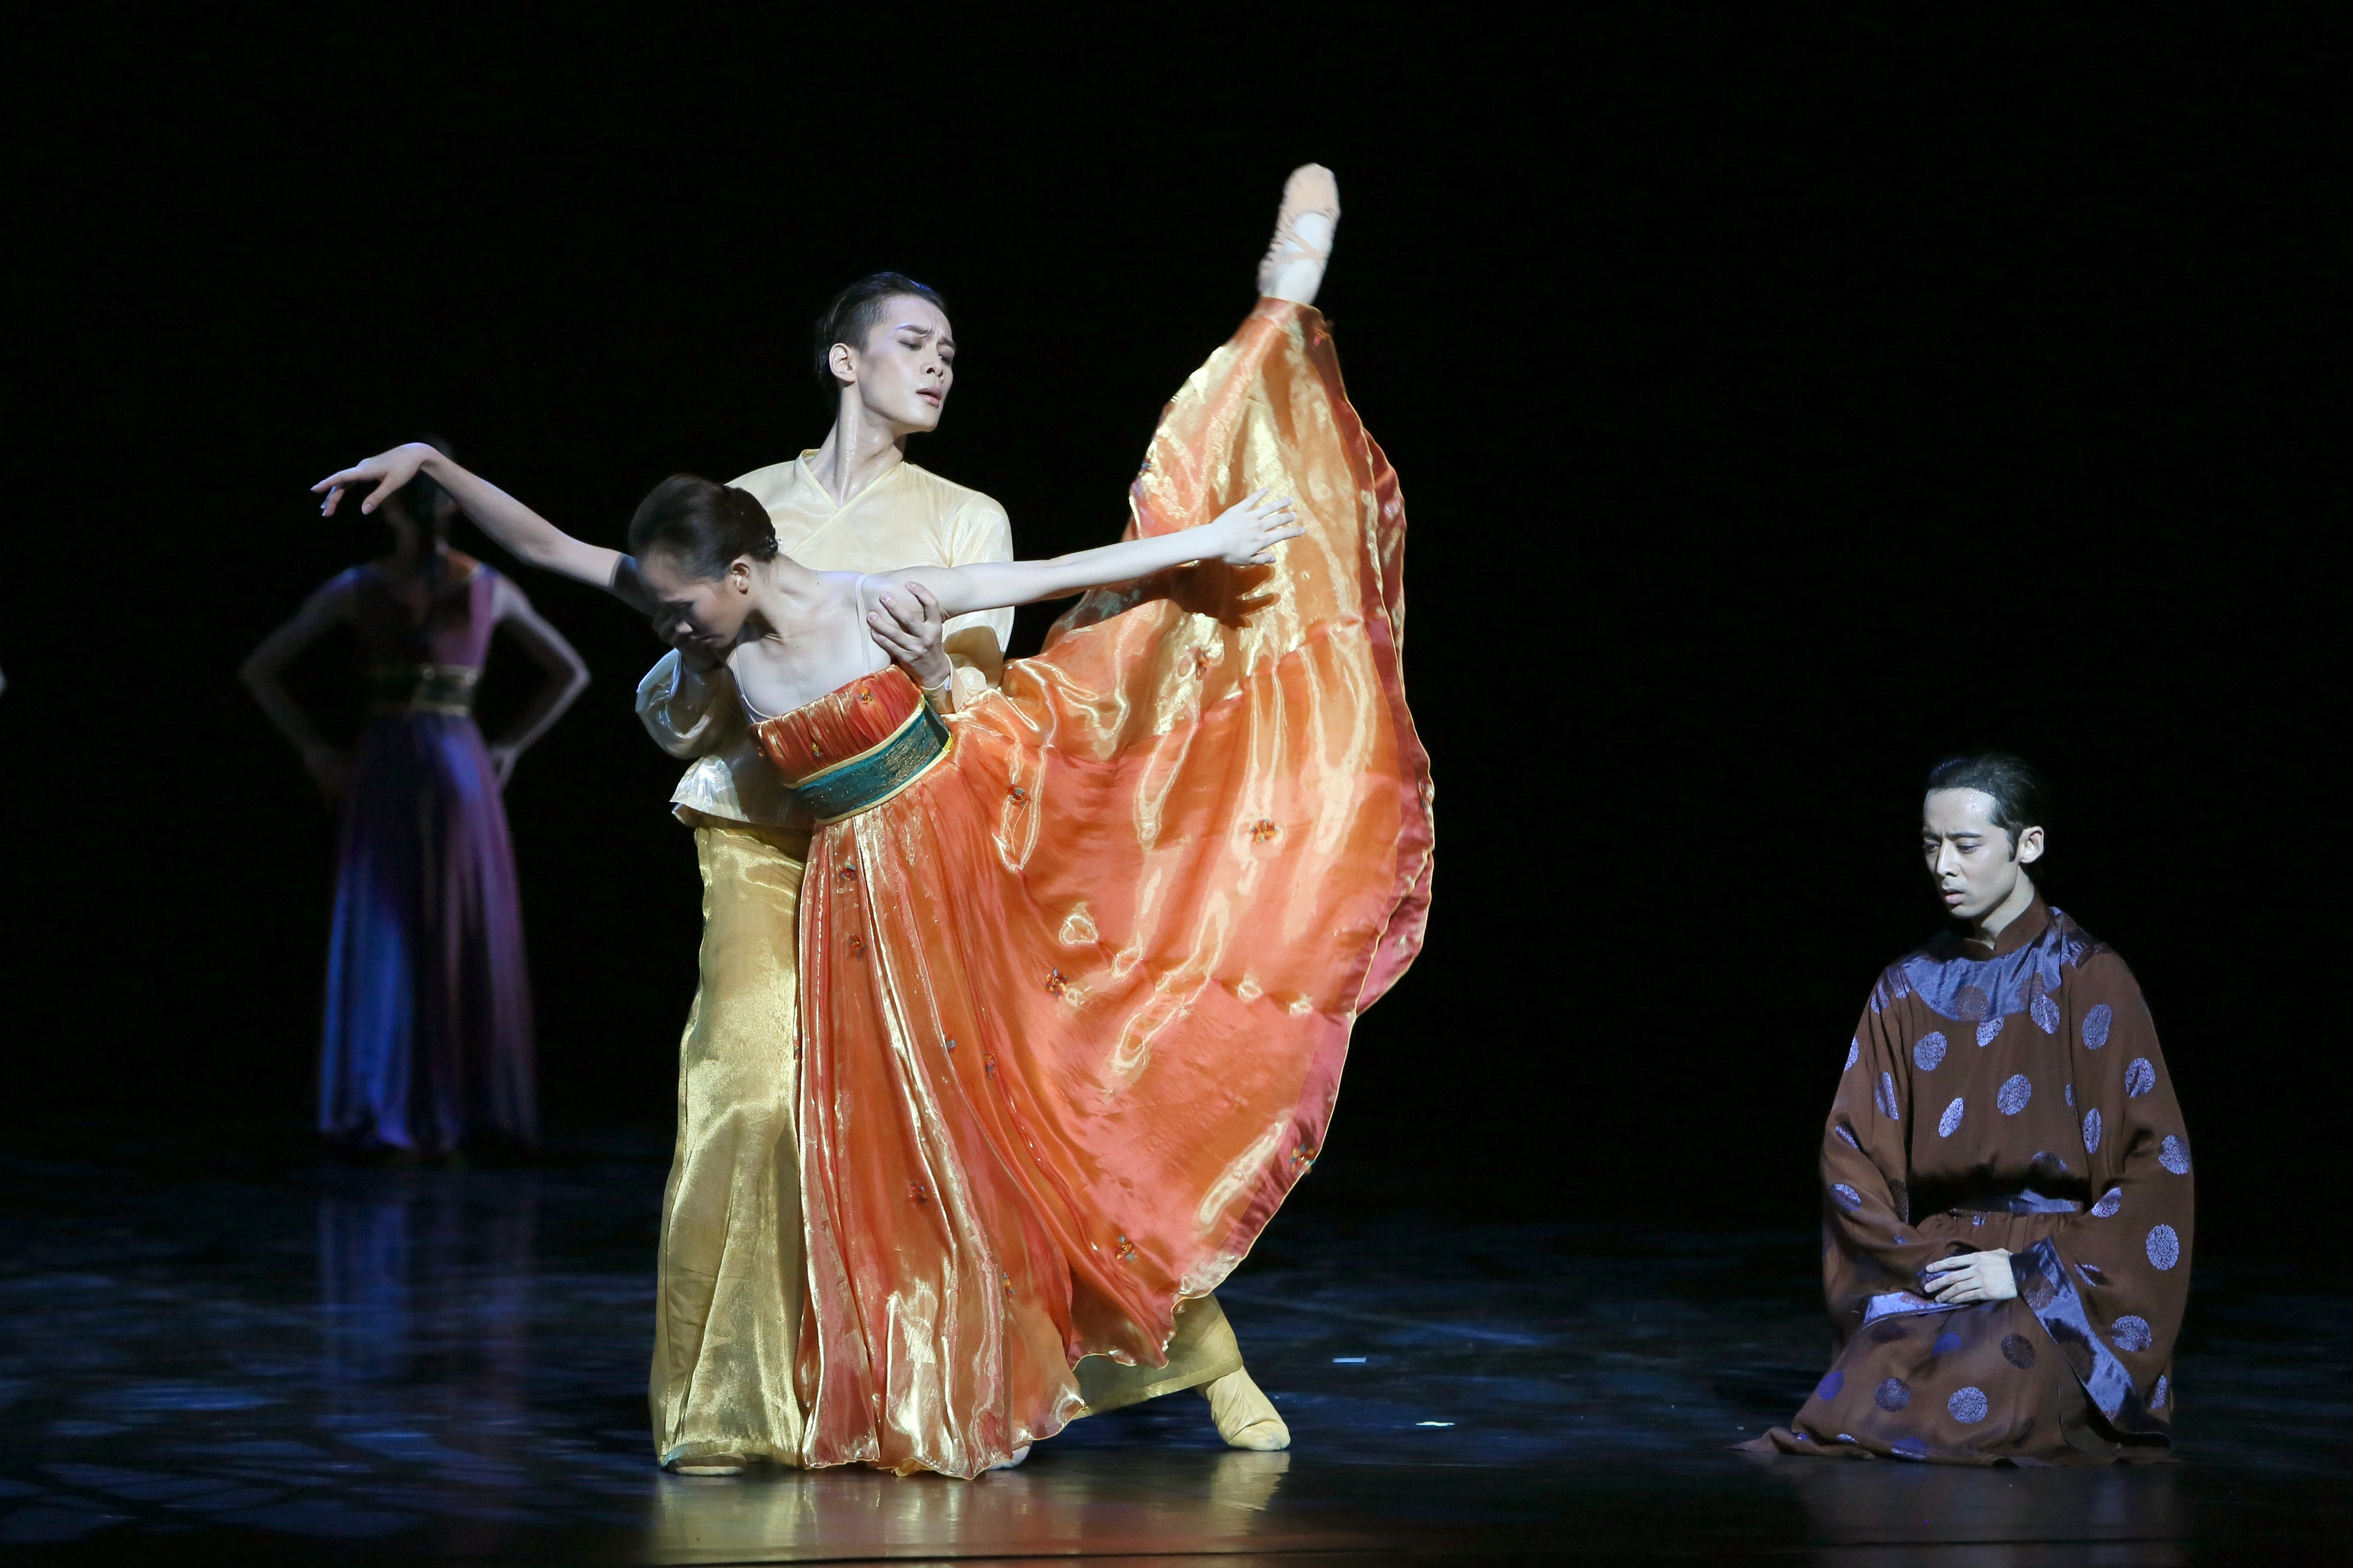 Shanghai Ballet in Echoes of Eternity. Dancers Wu Husheng, Qi Bingxue and Zhang Wenjun.